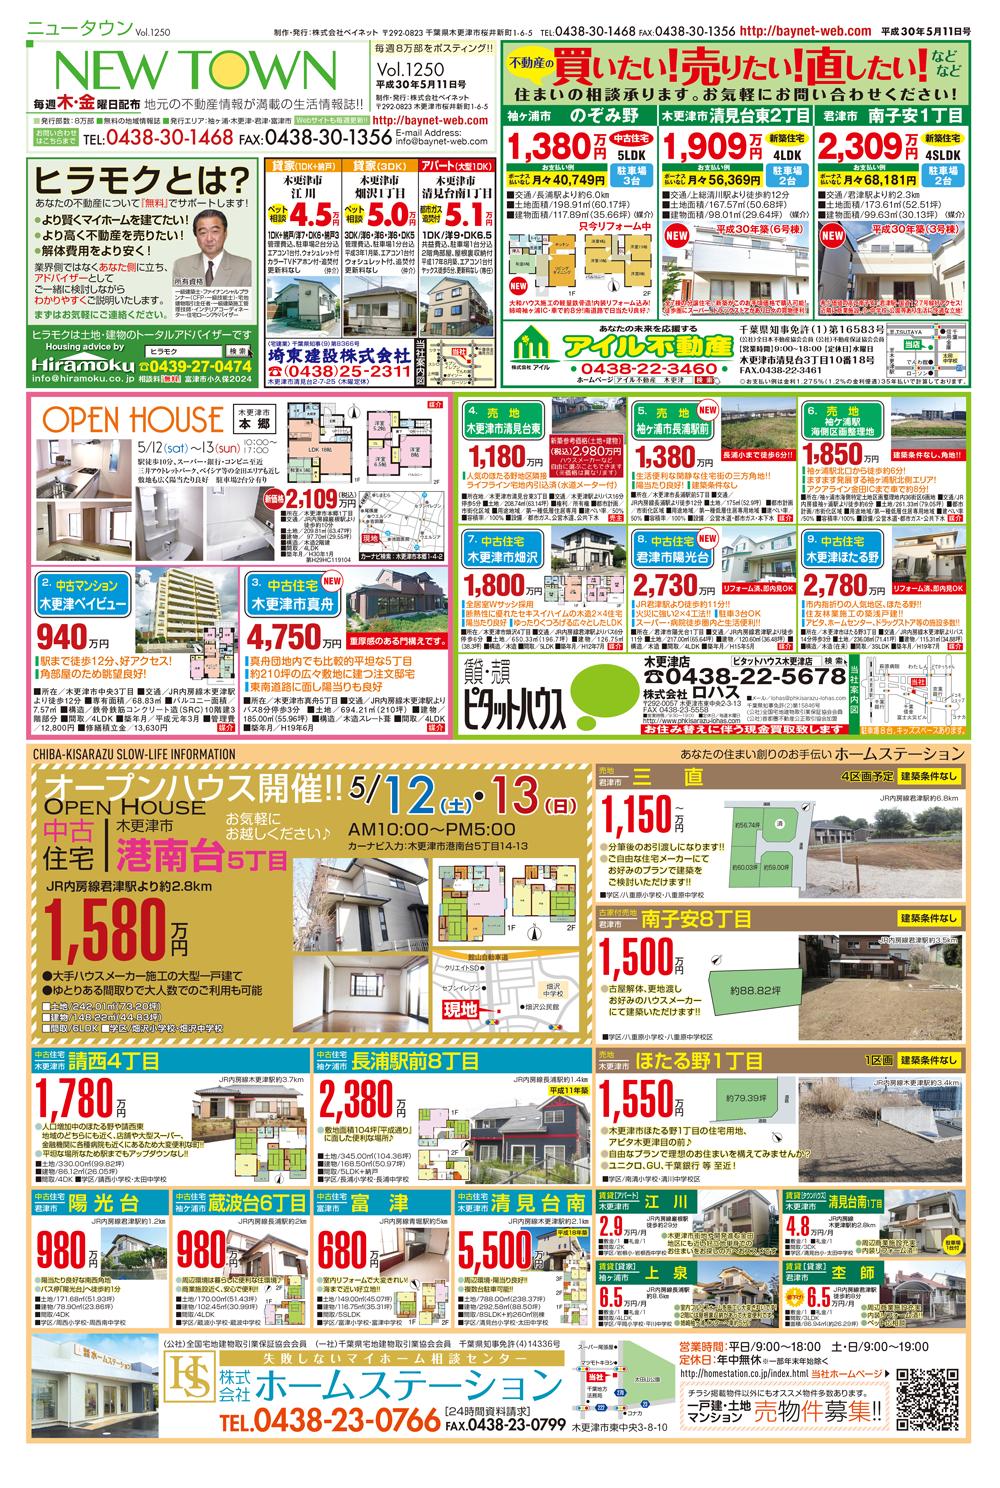 ヒラモク 埼東建設 アイル不動産 ピタットハウス木更津 ホームステーション